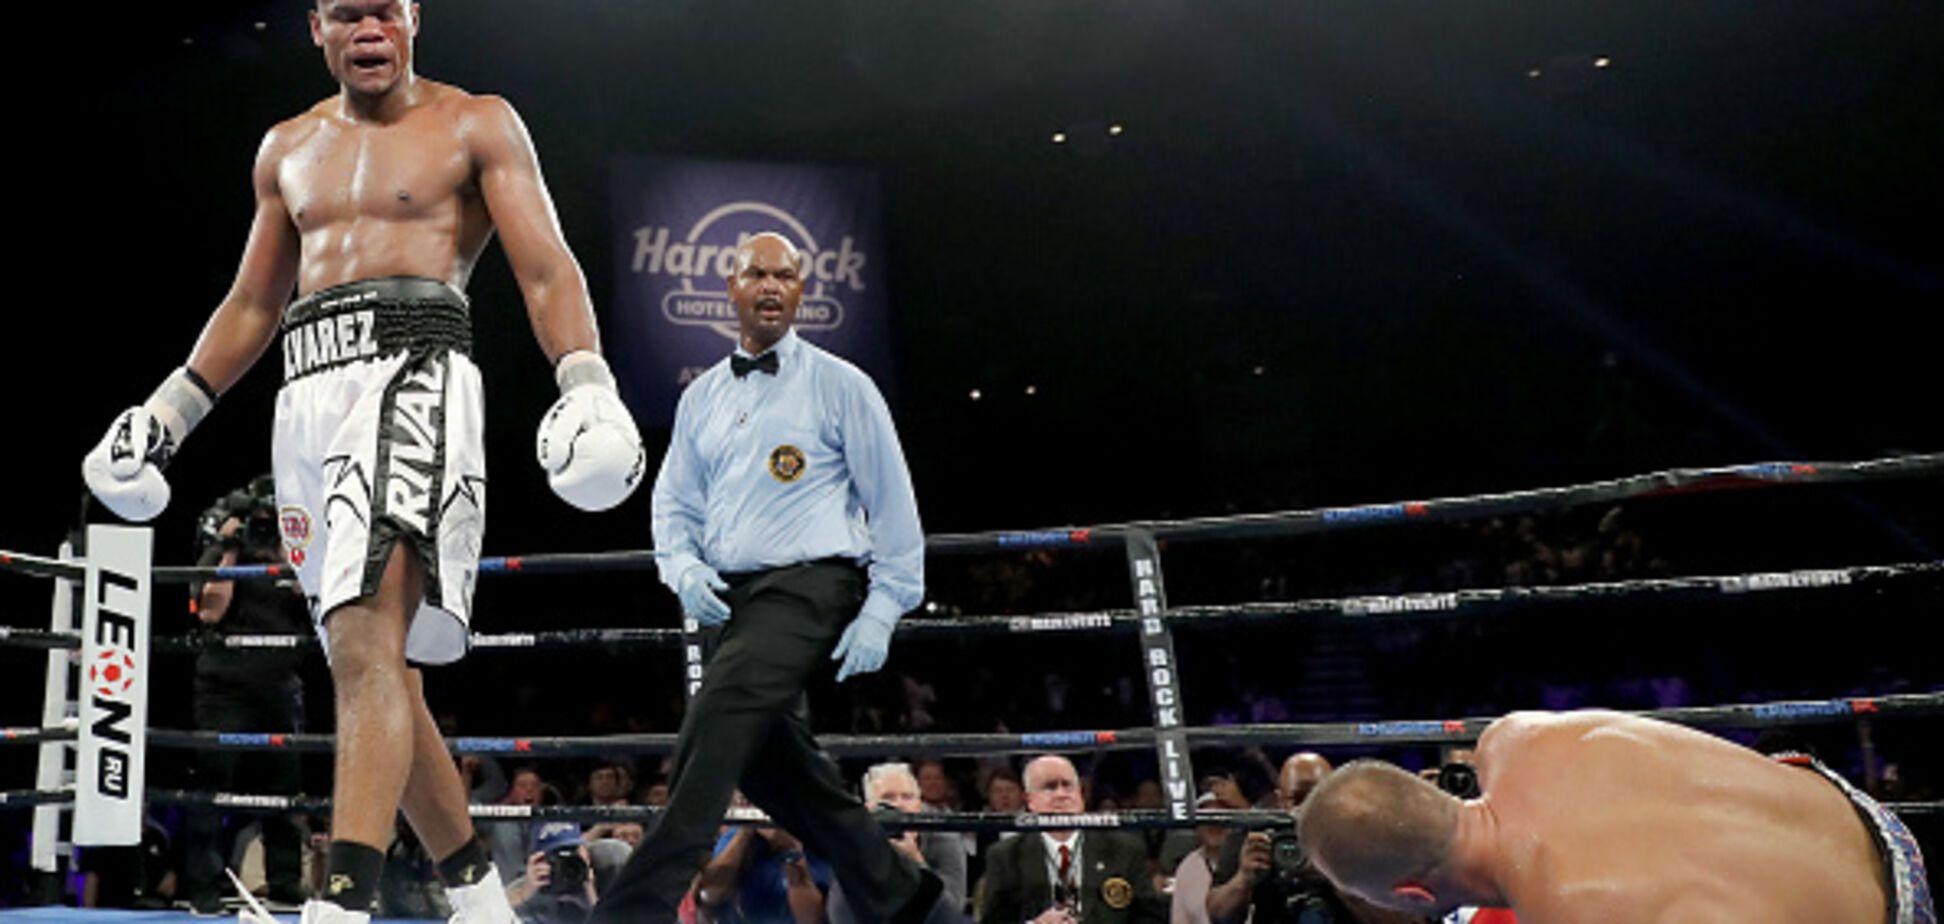 Кращий боксер Росії програв чемпіонський бій жорстким нокаутом